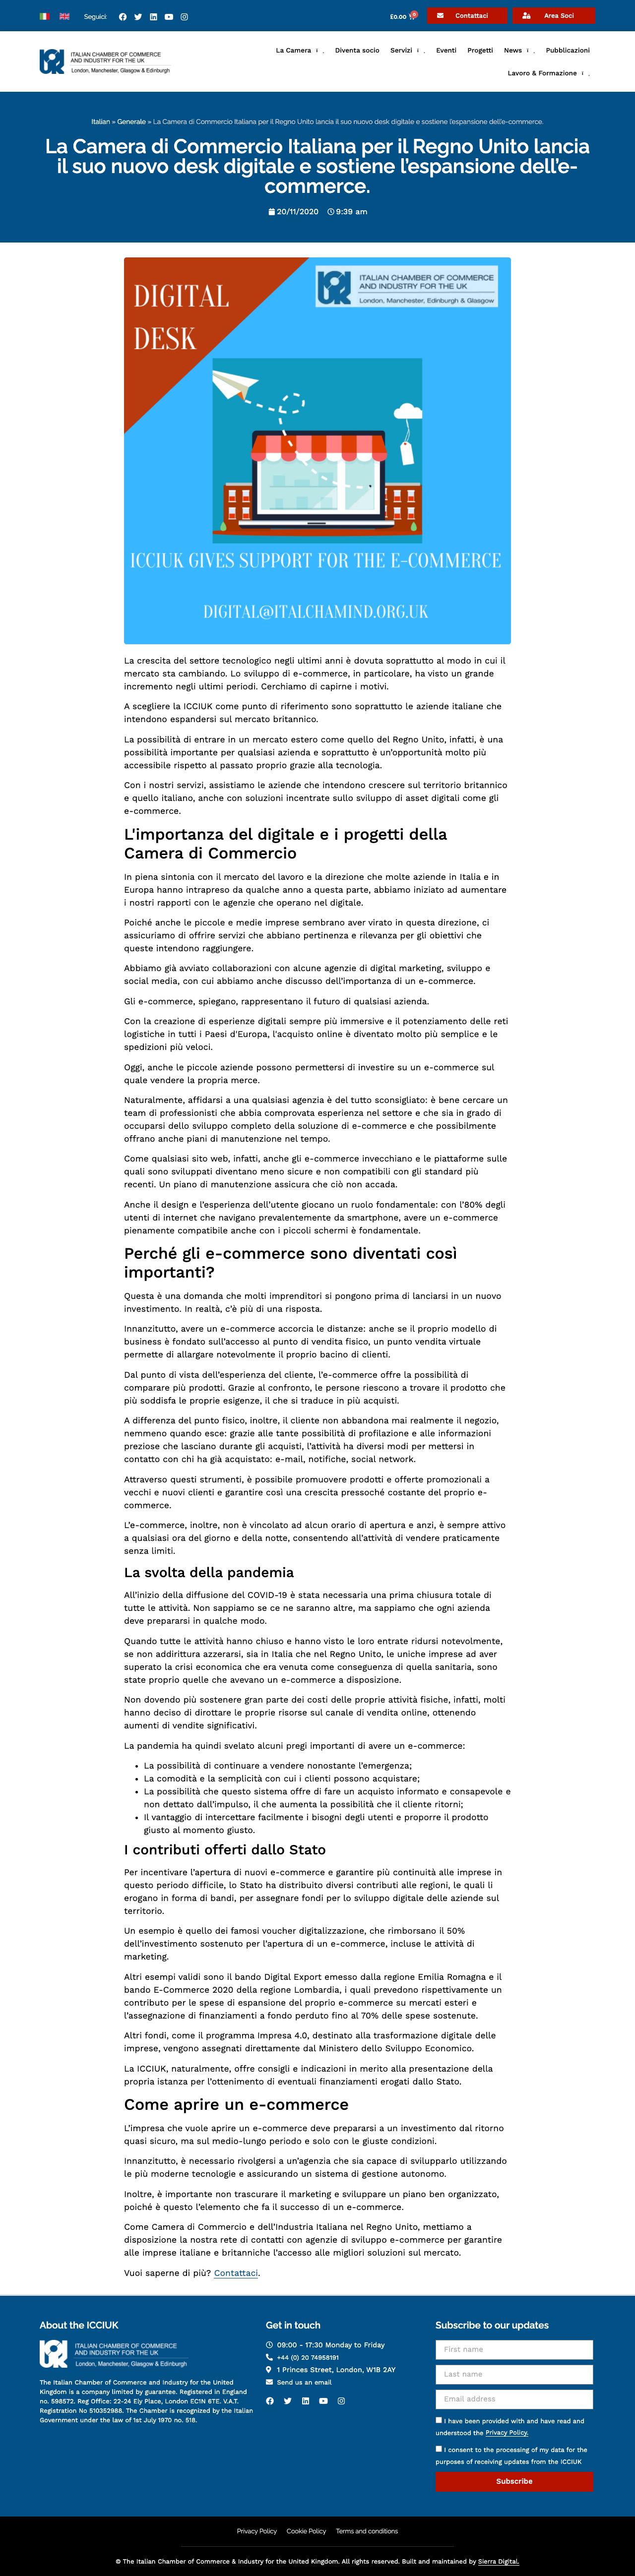 Articolo di esempio per la Camera di Commercio Italiana nel Regno Unito